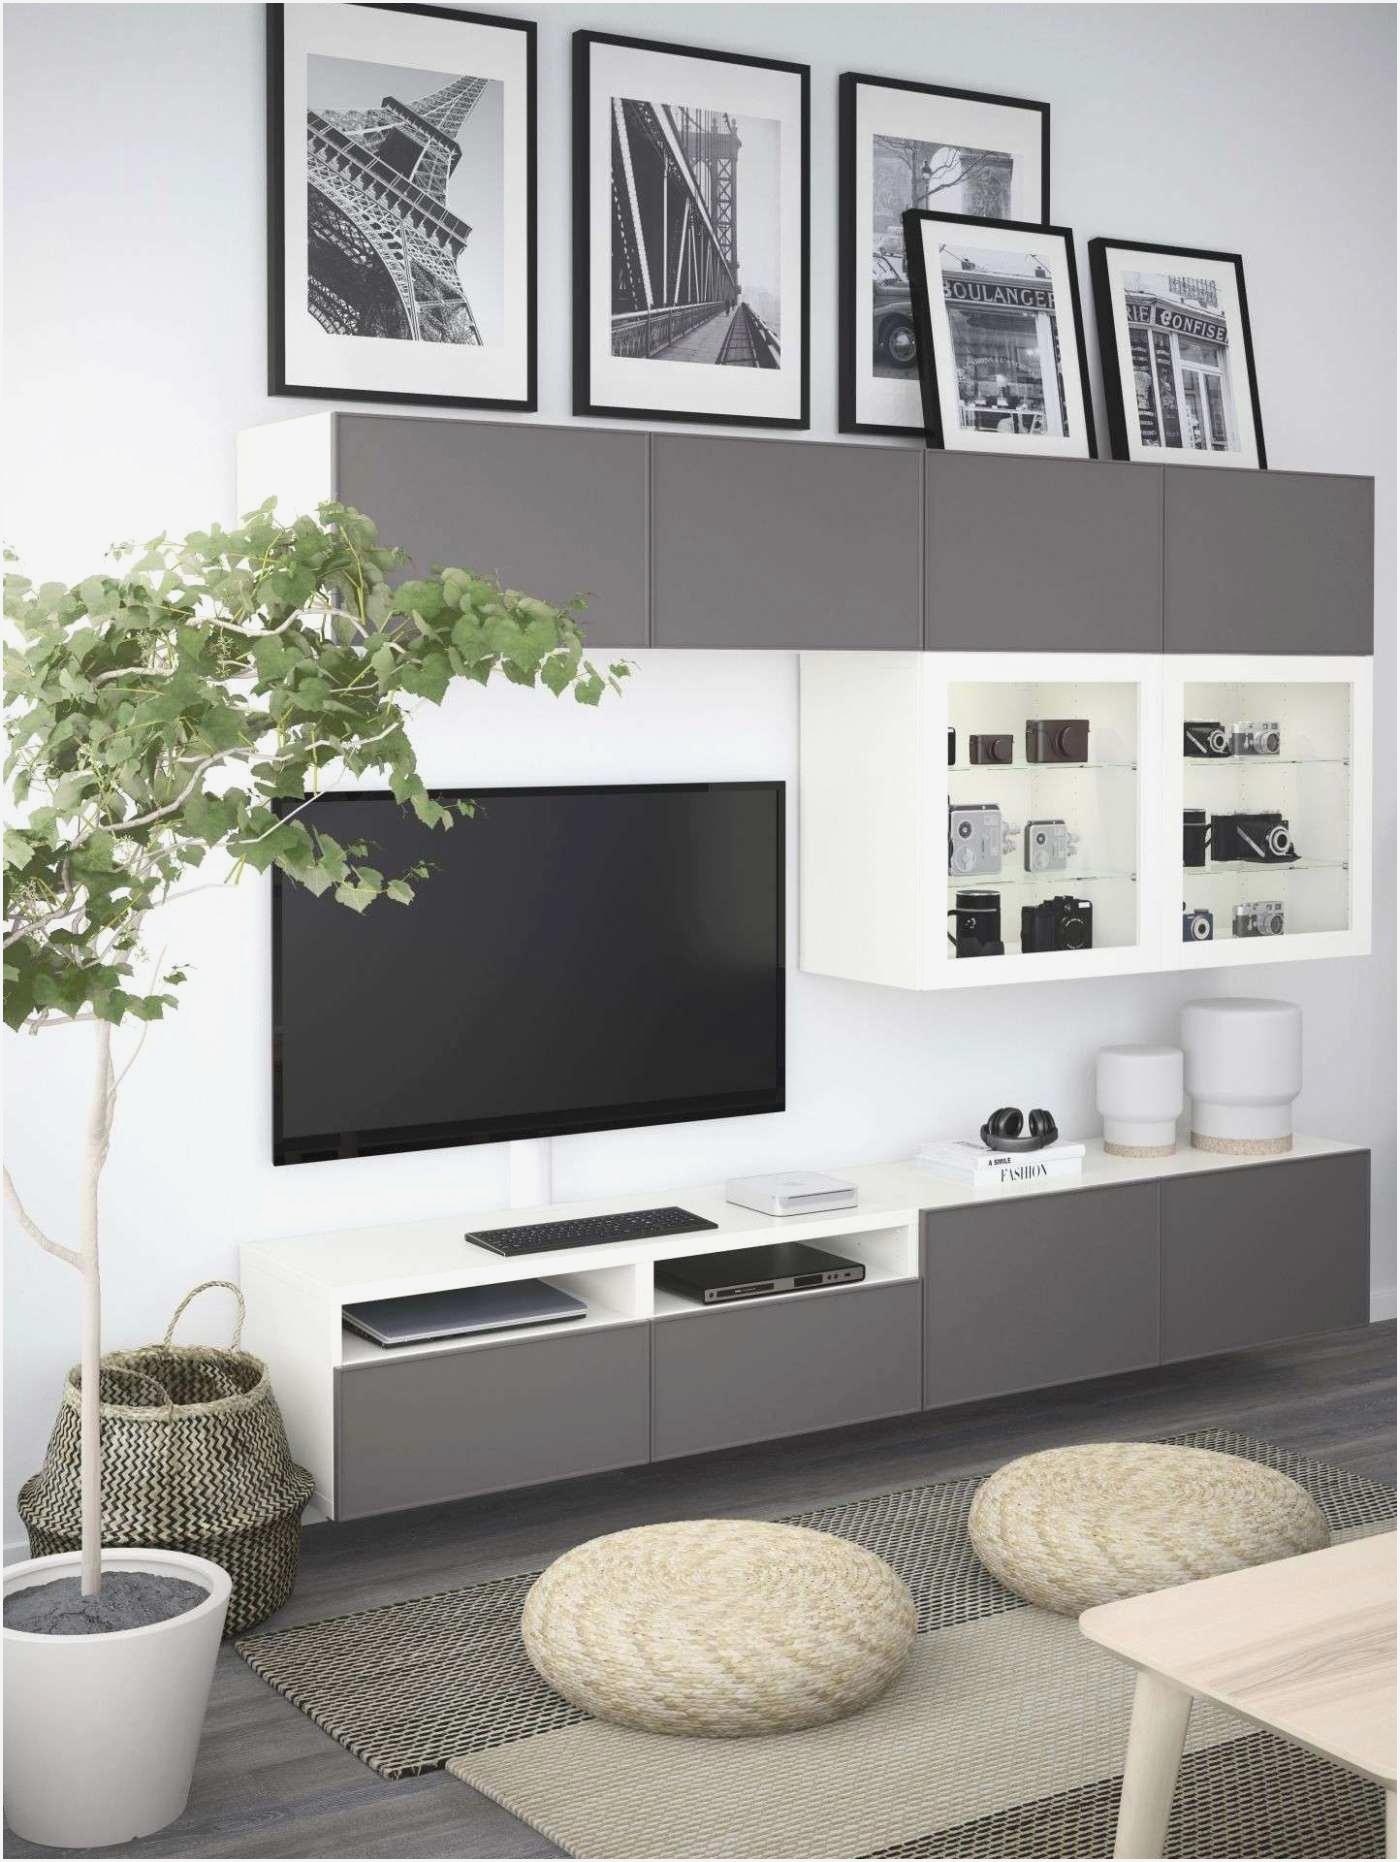 tischdeko ideen selbermachen wohnzimmer